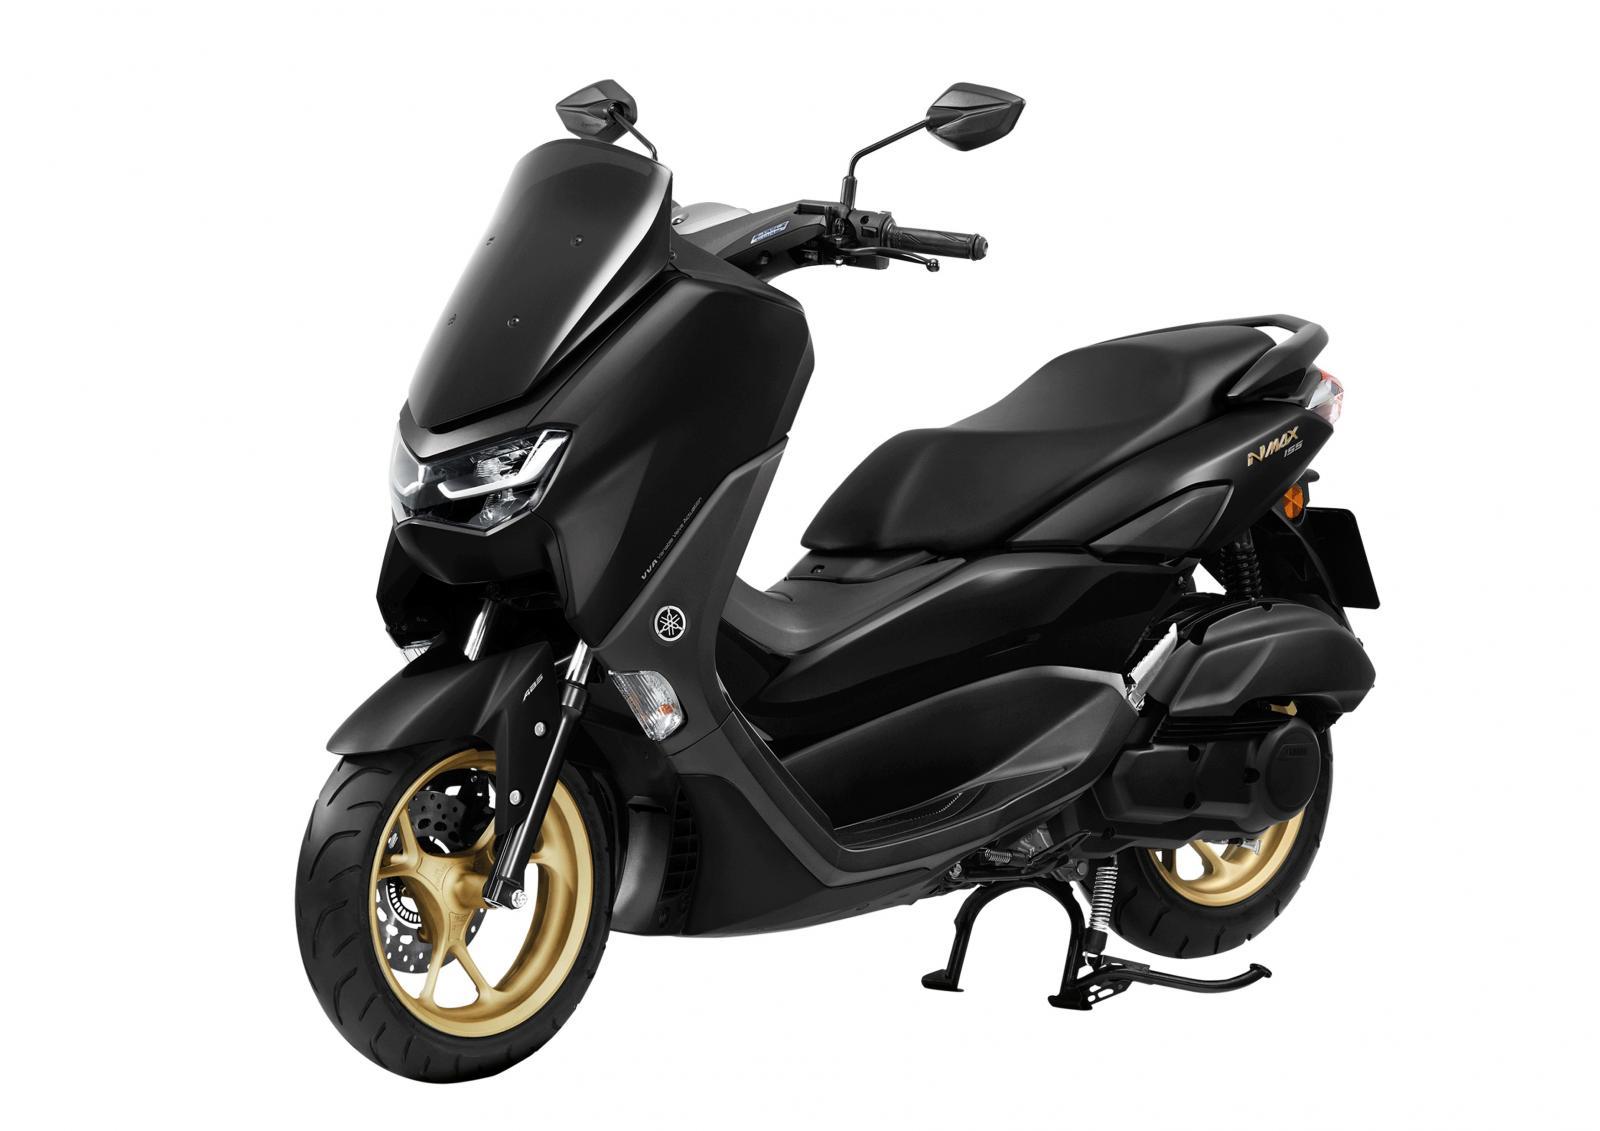 ราคาและตารางผ่อน ดาวน์ Yamaha Nmax 155 2021